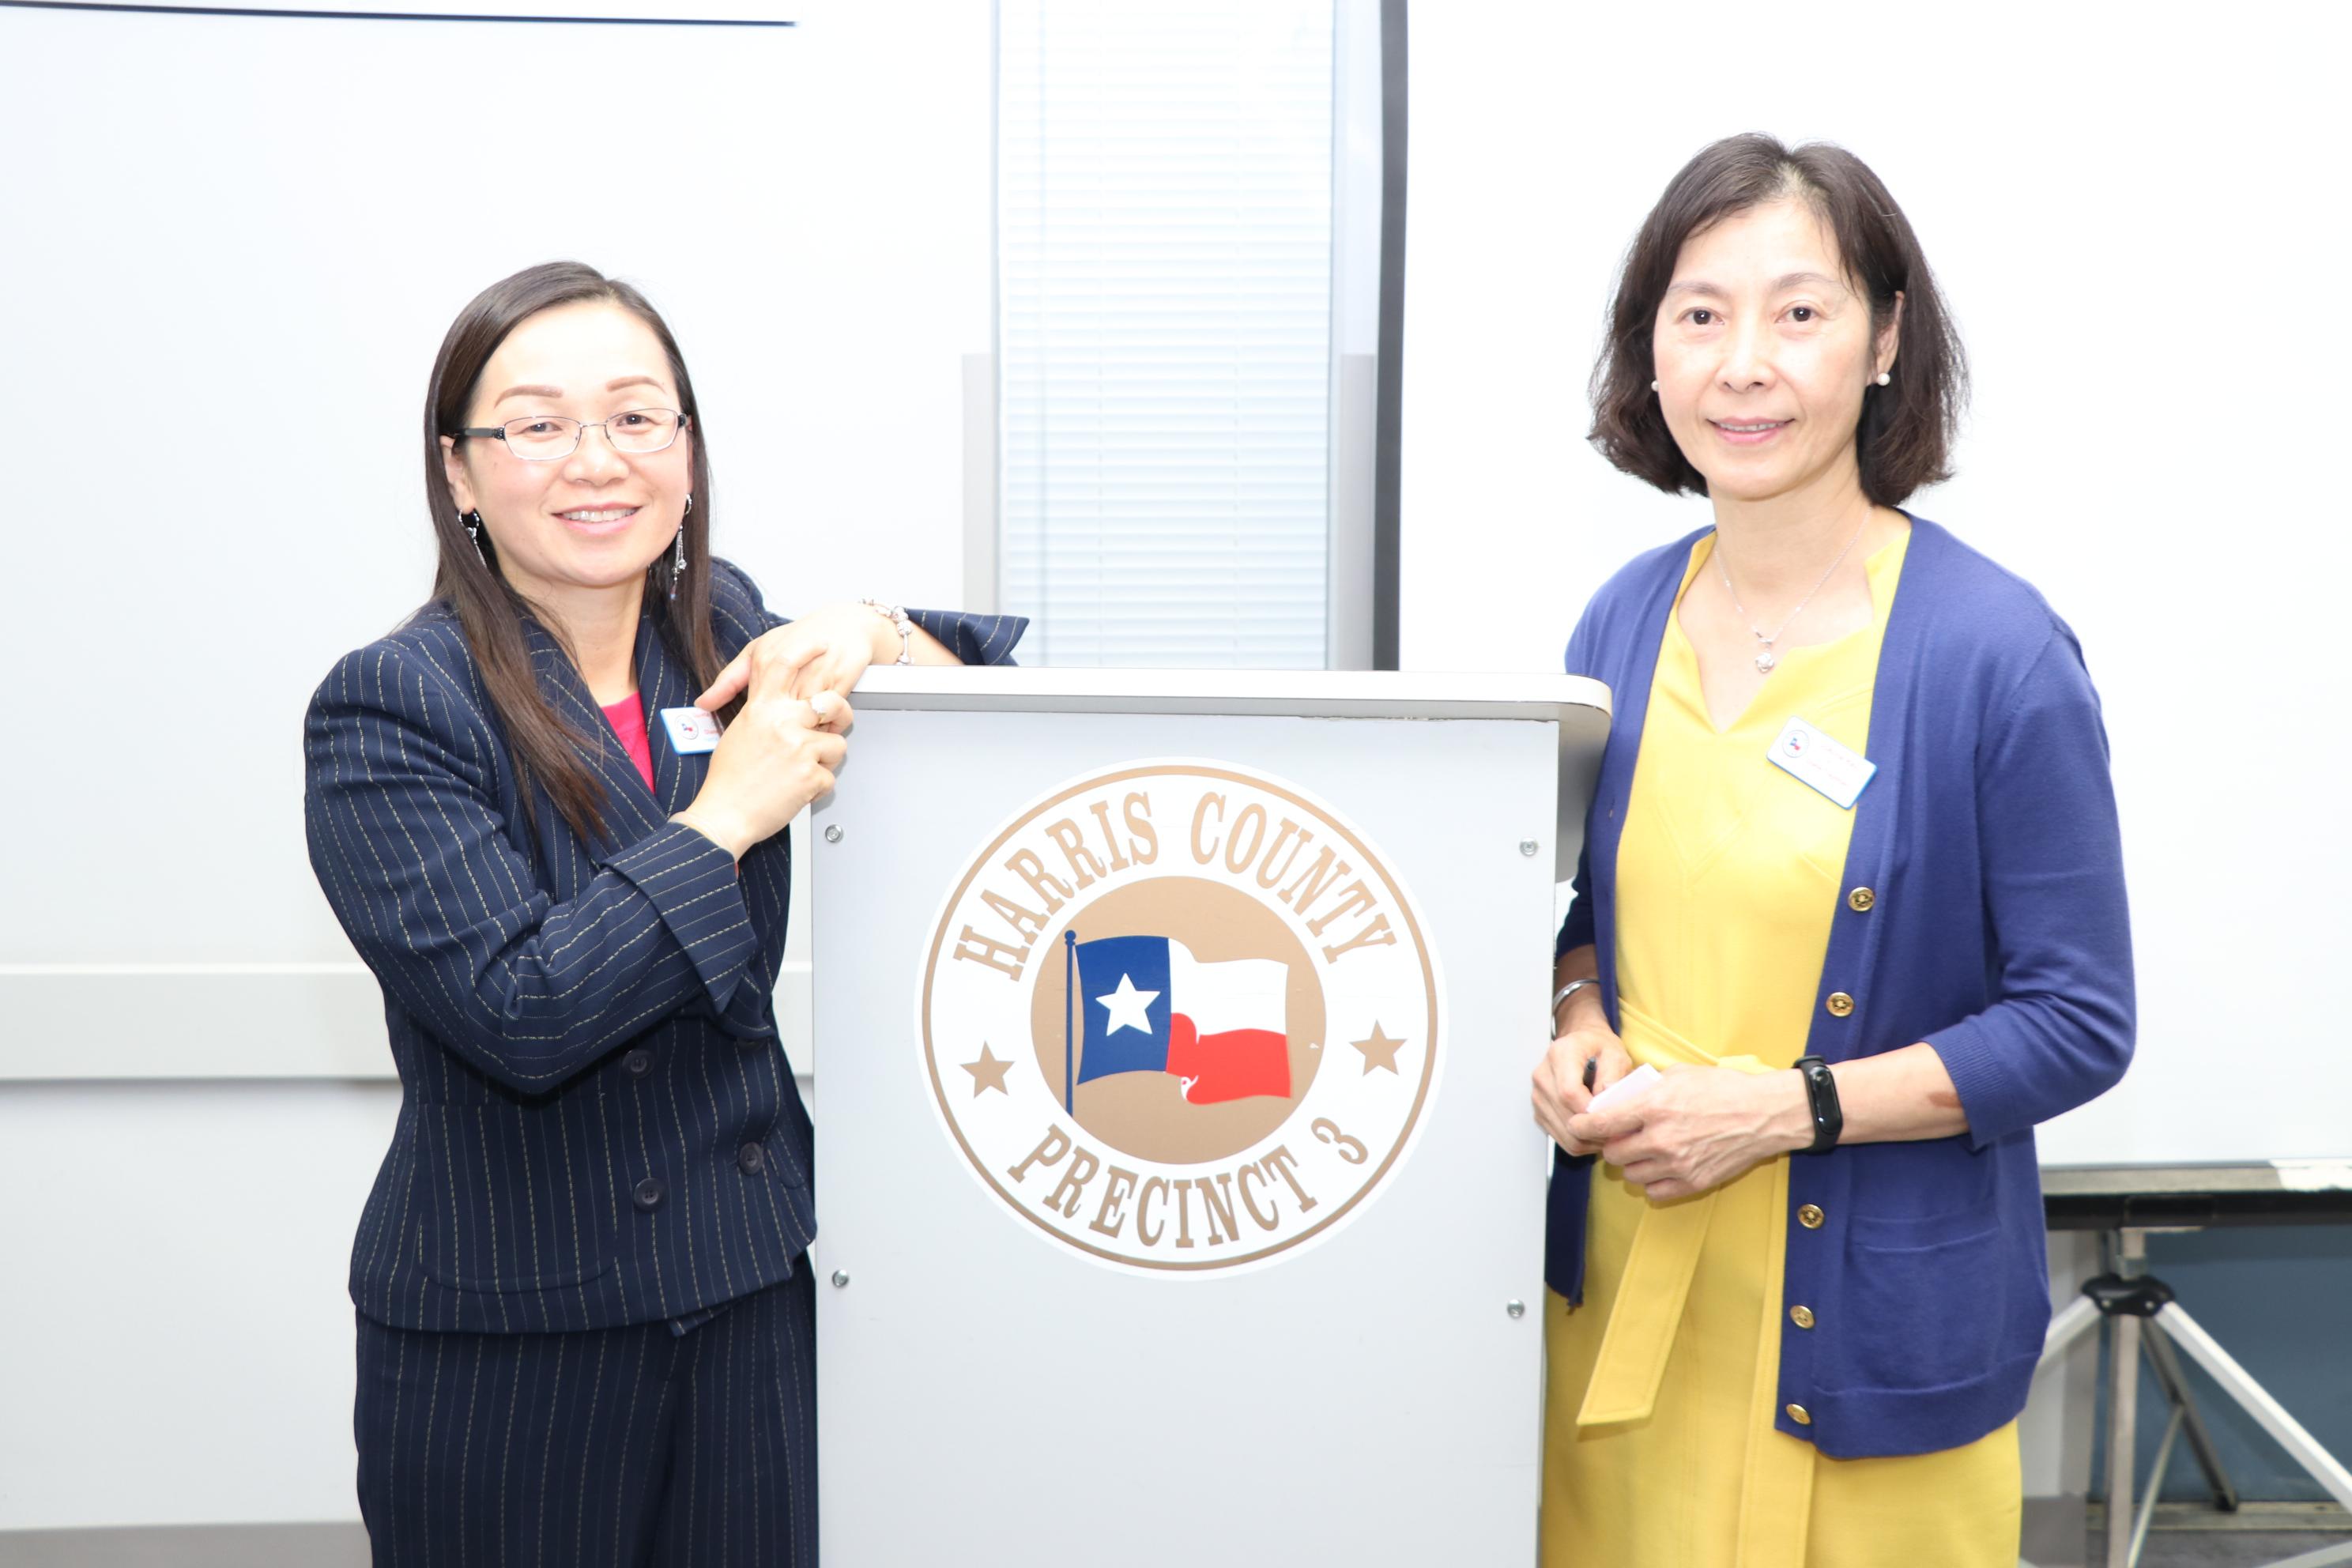 新任的哈瑞縣斯華裔選舉對外協調員芮久玟(JoAnne Ray)(右)與越裔協調員DU-HA KIM NGUYEN(左)說明選舉的便民措施。(記者封昌明/攝影)